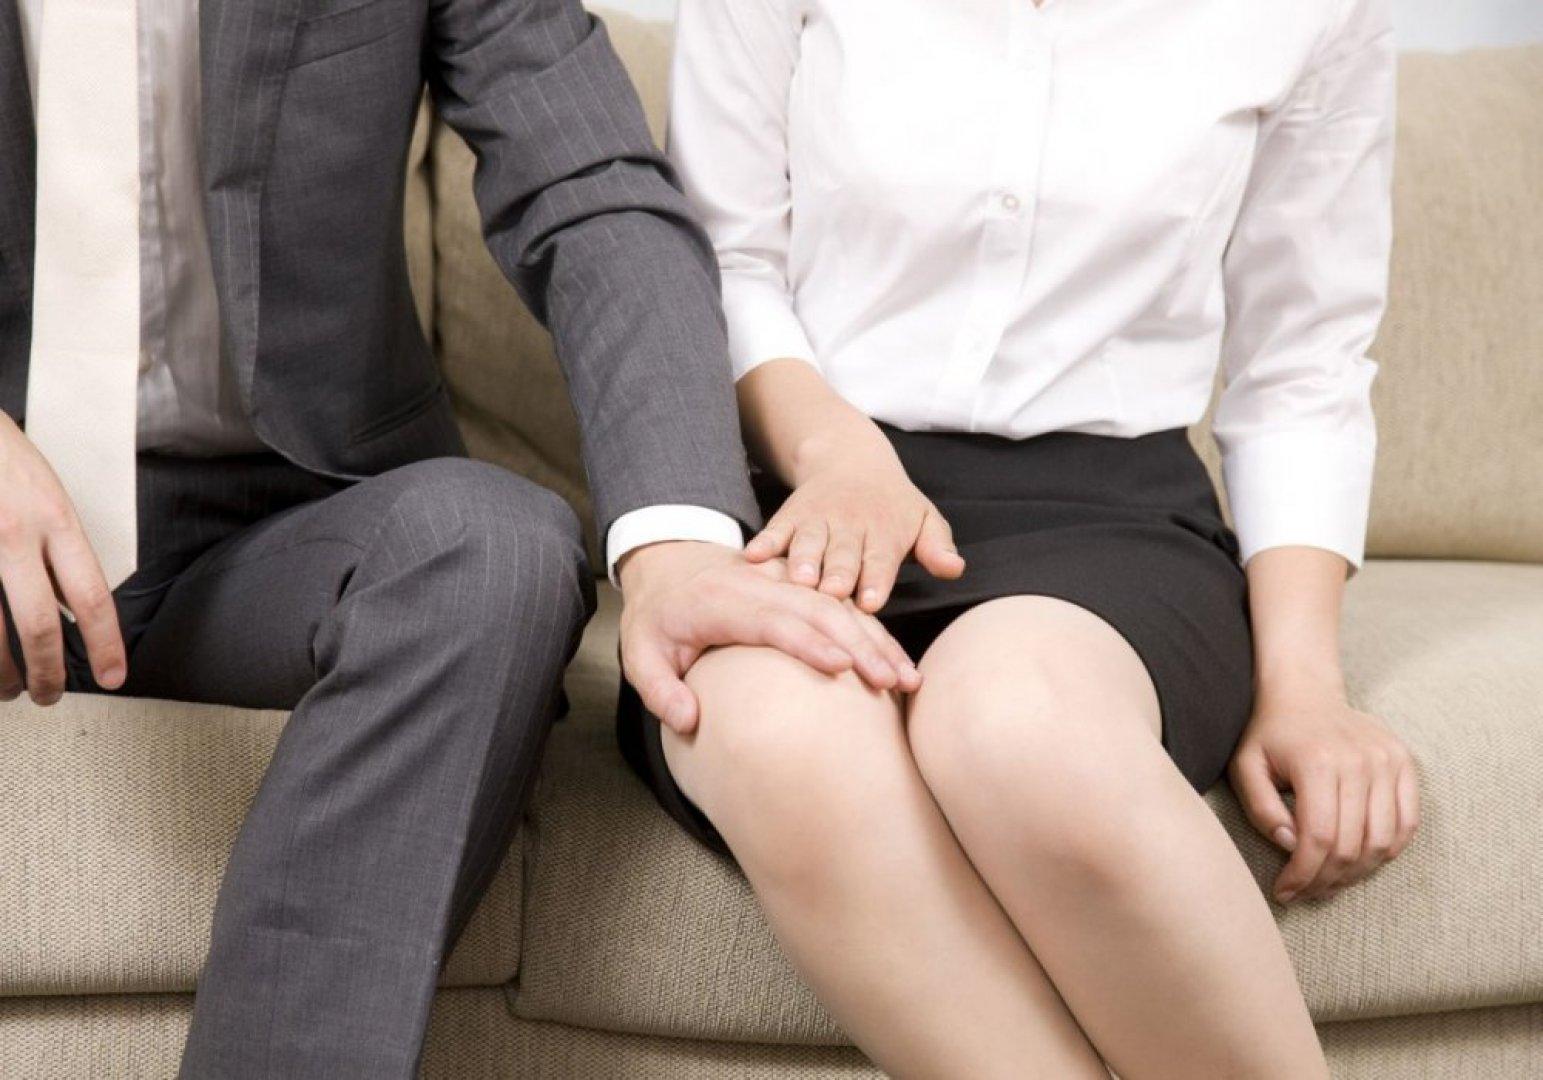 Как доказать сексуальные домогательства